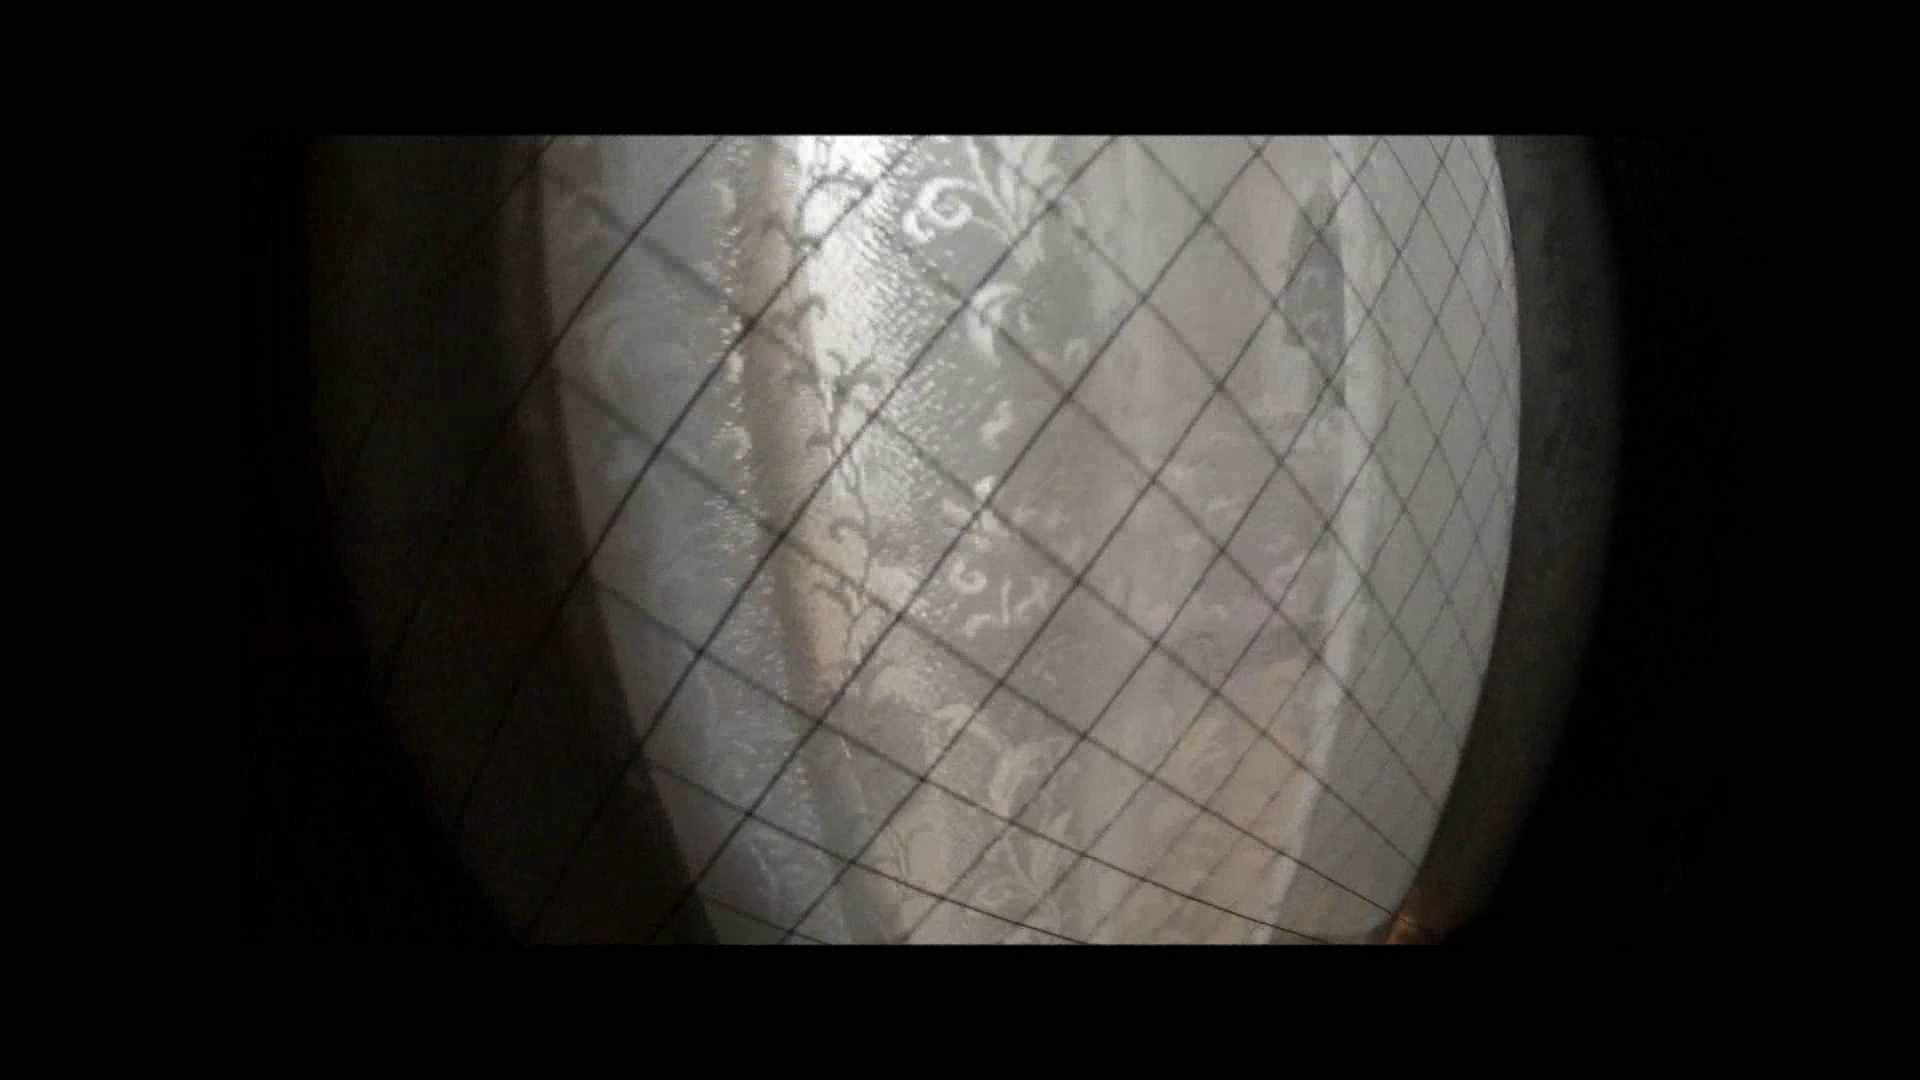 【04】別の日・・・魚眼レンズで広角に撮れました。 マンコ満開 えろ無修正画像 80PIX 34